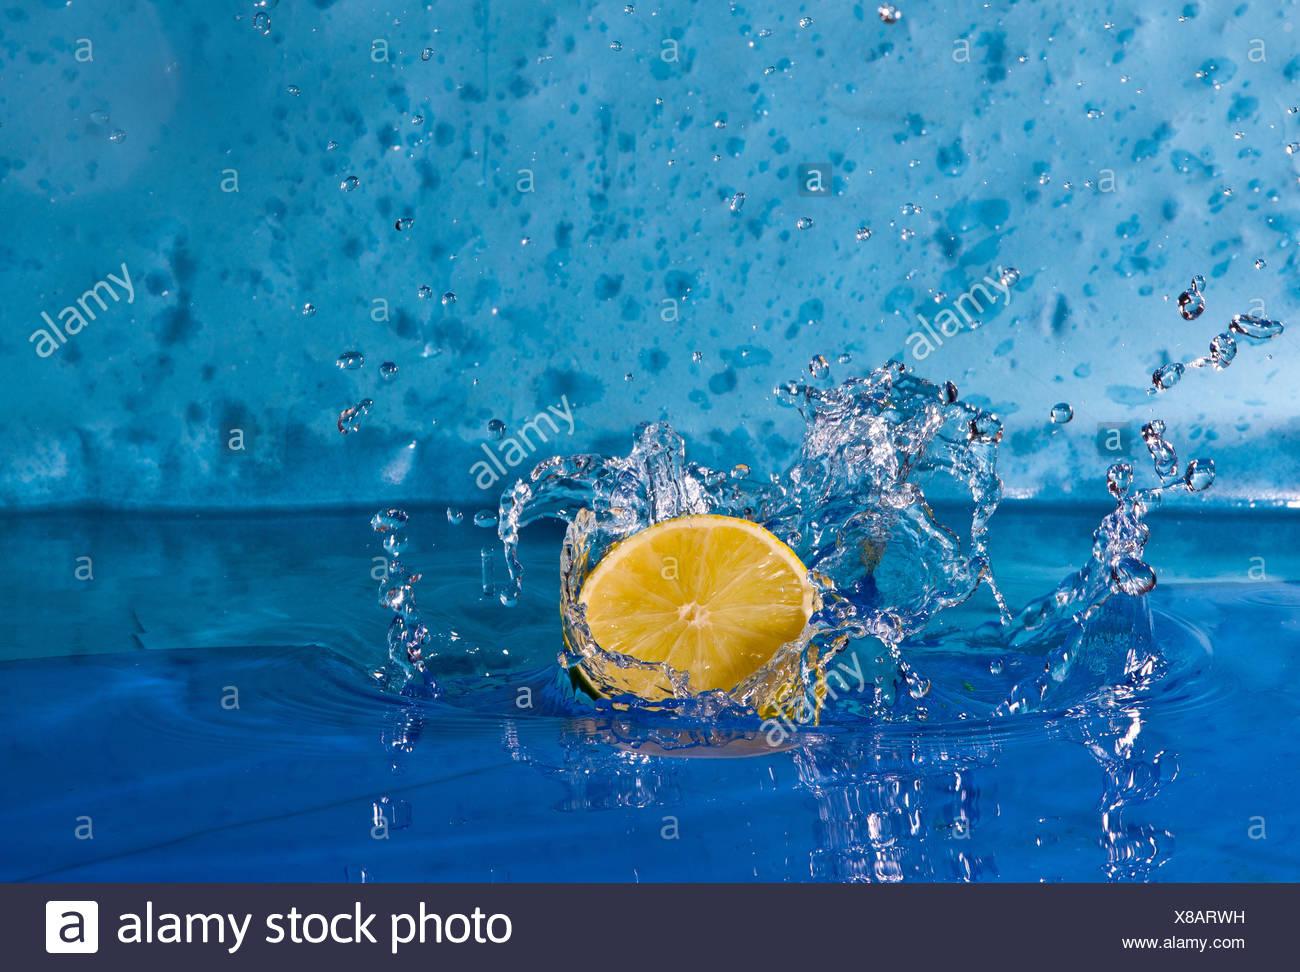 Lemon splashing into water - Stock Image